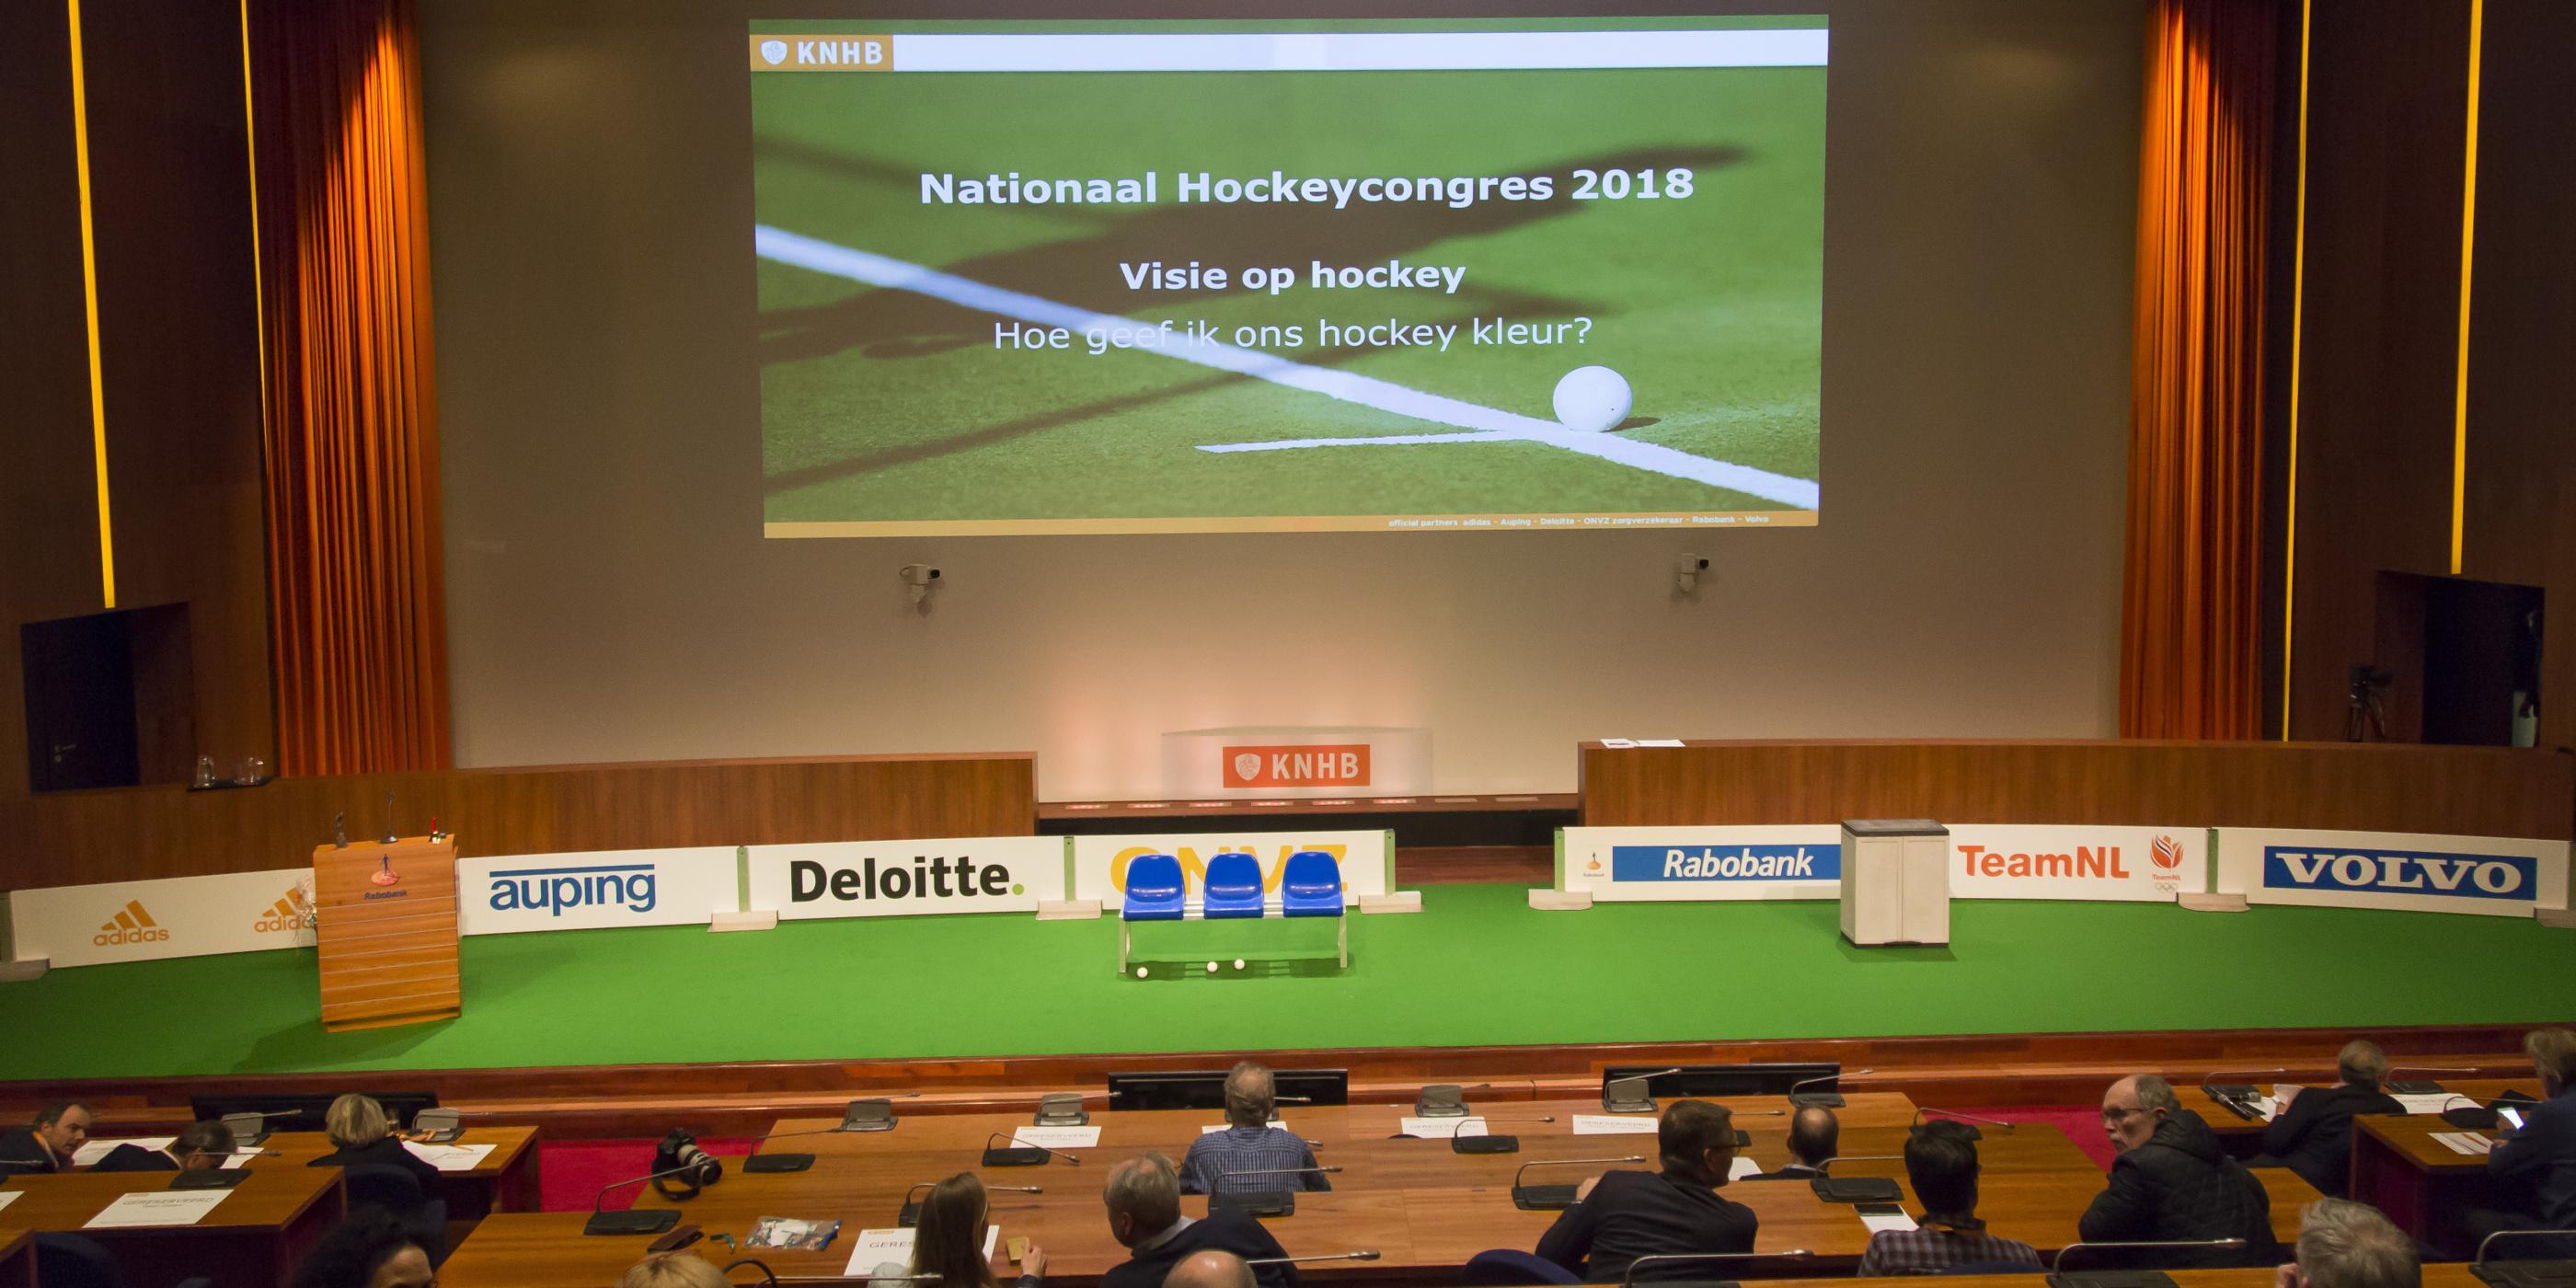 Terugblik Nationaal Hockeycongres 2018